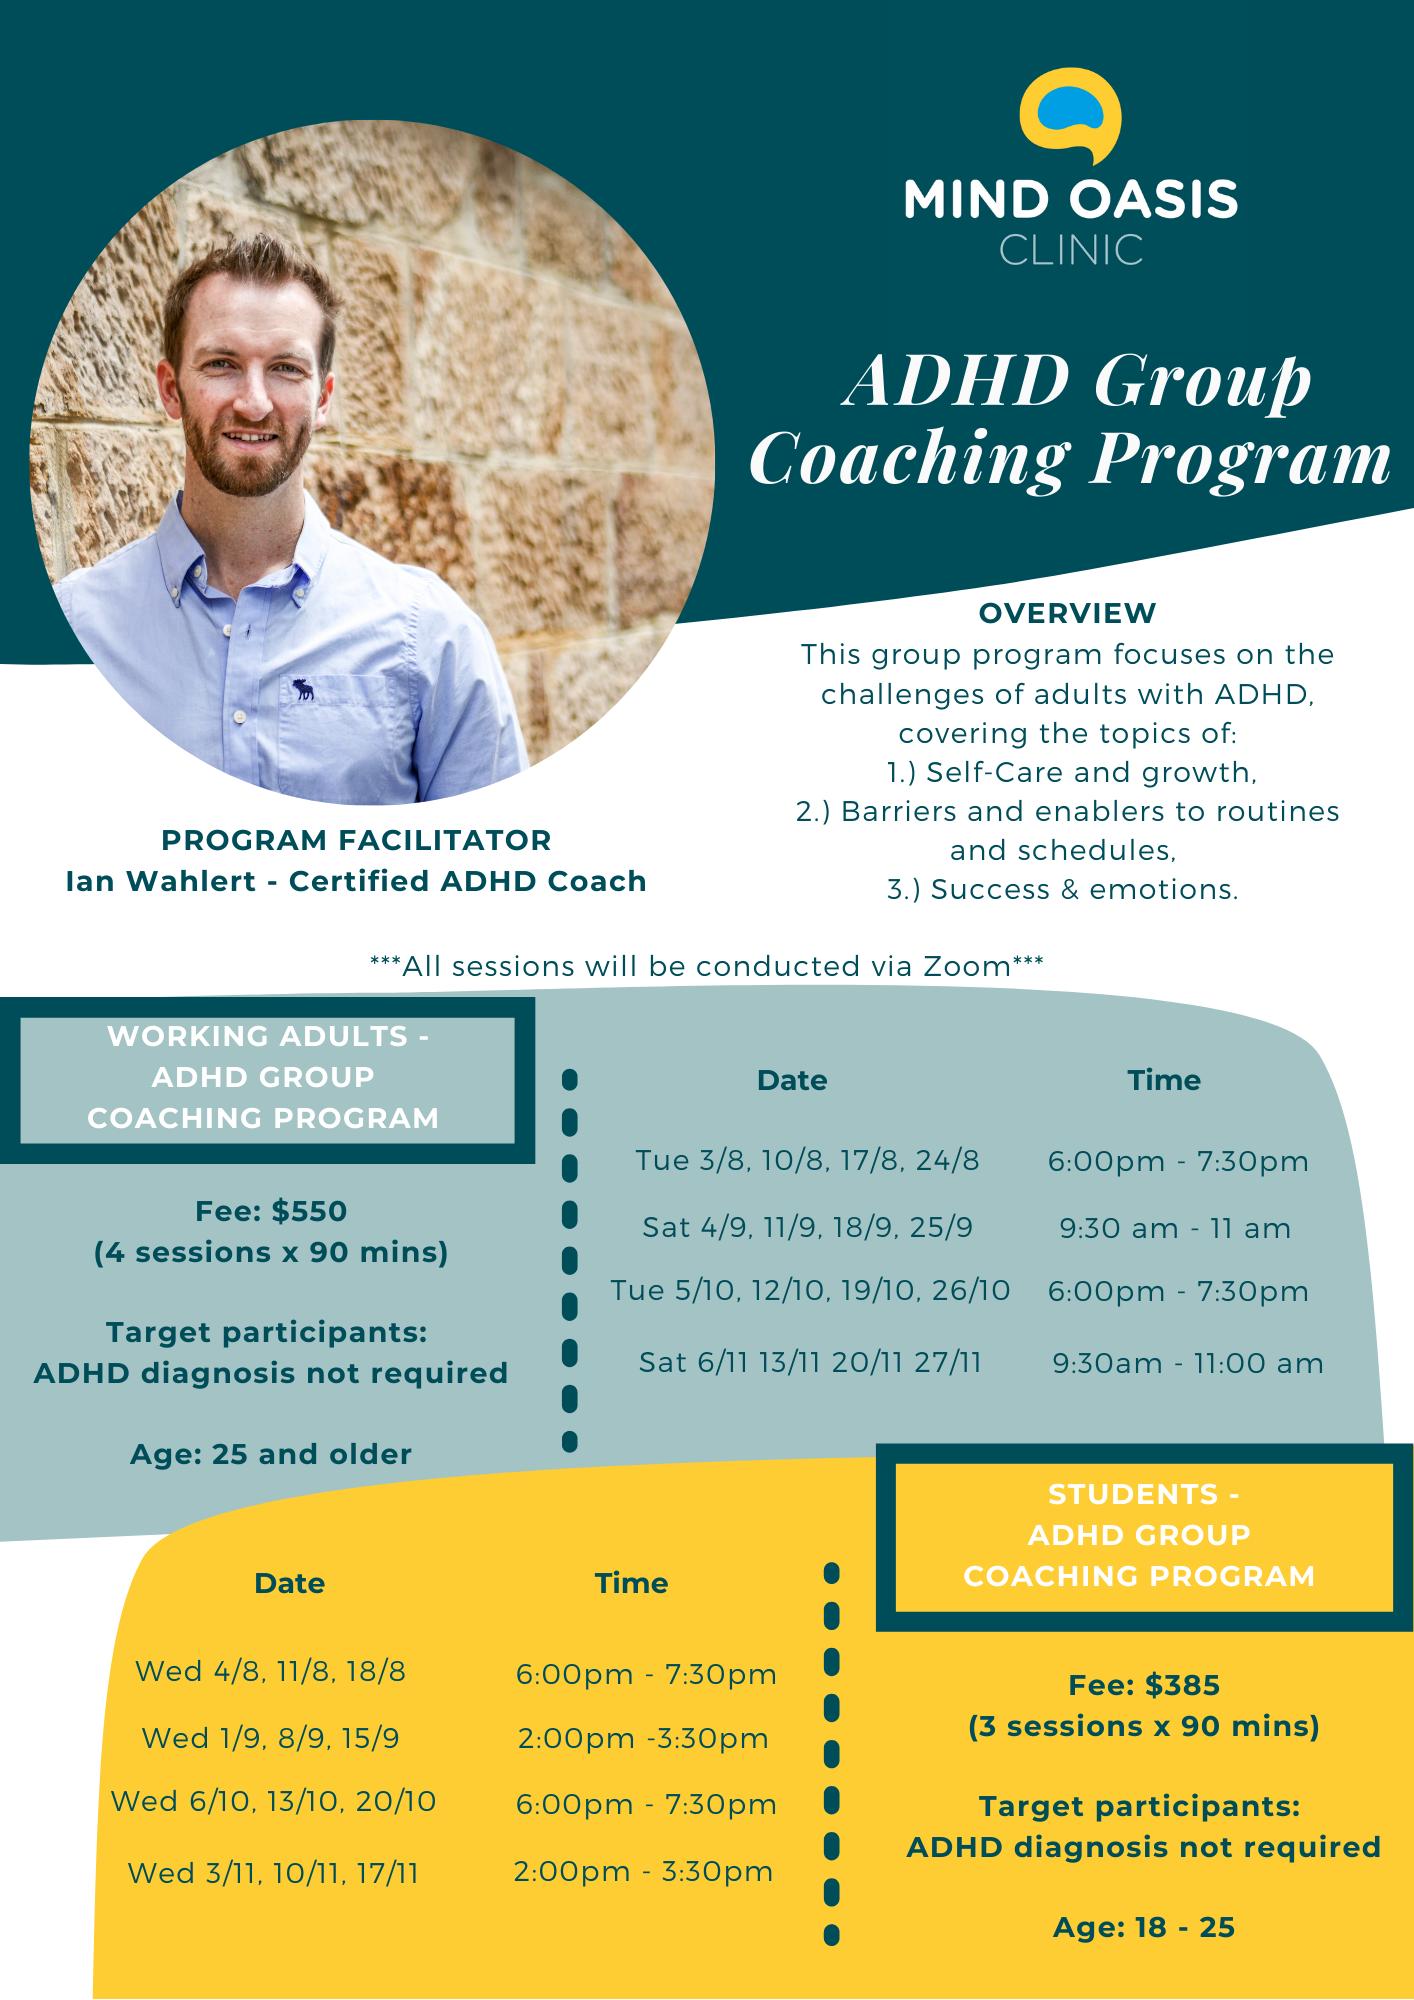 ADHD Coaching Program